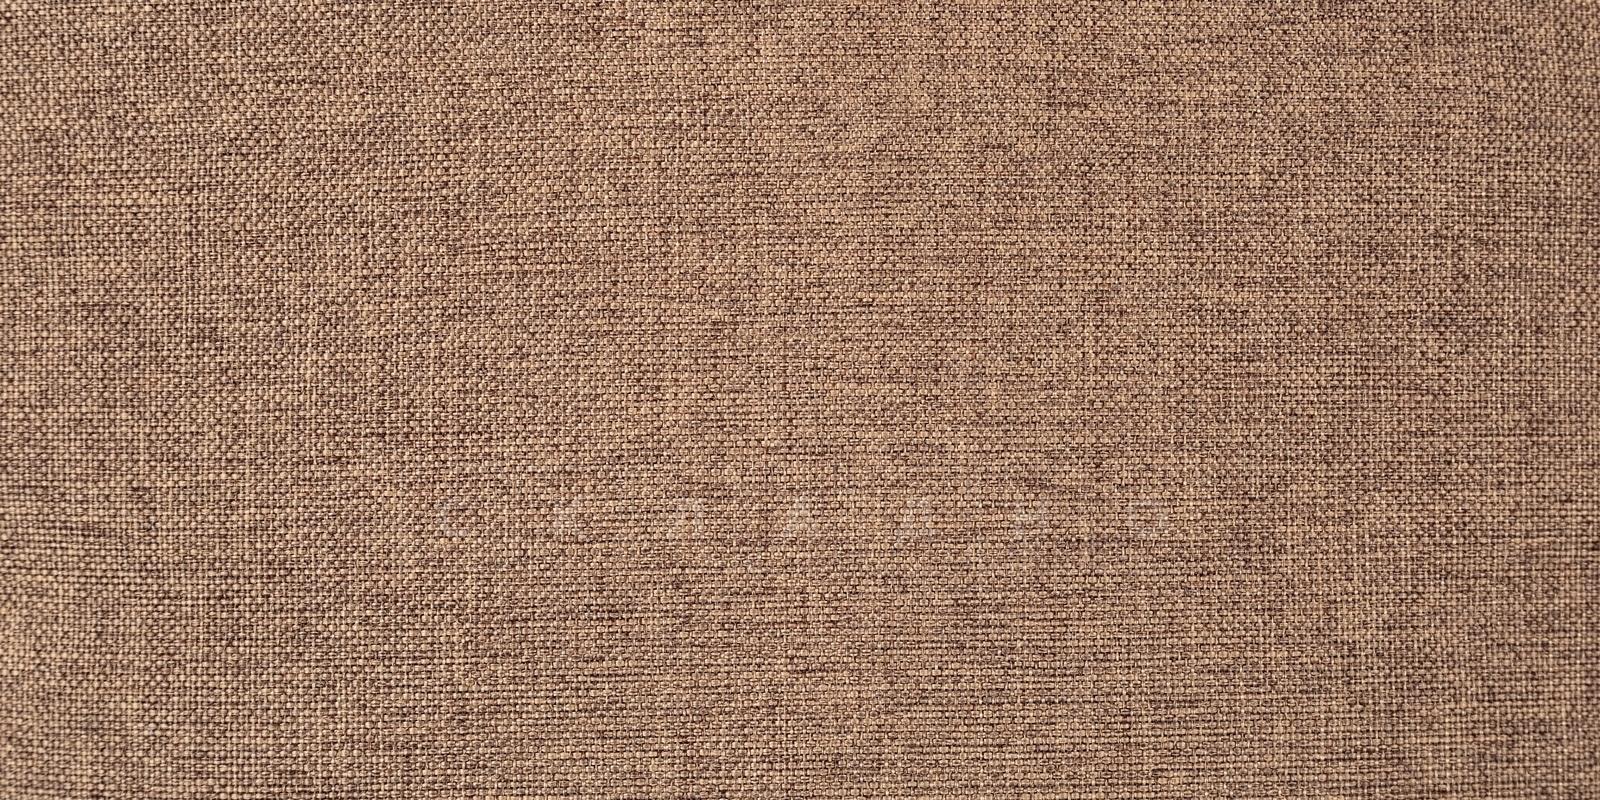 Угловой диван Медисон коричневый 345х224 см фото 7 | интернет-магазин Складно